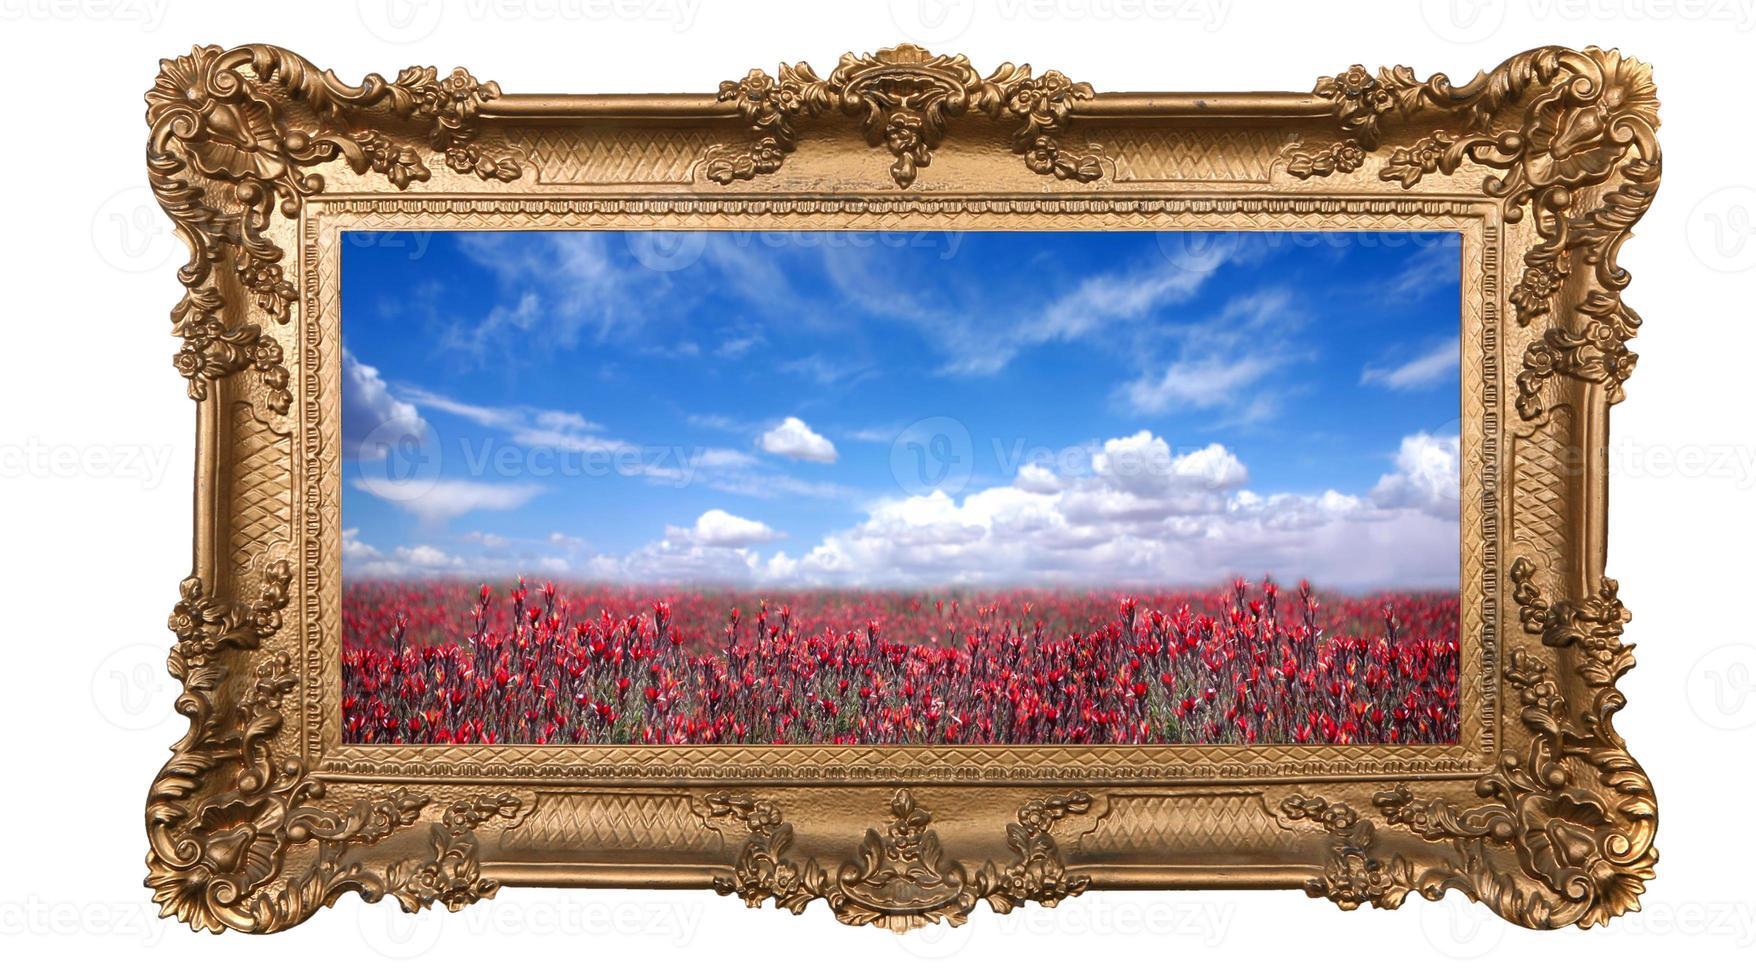 ingelijst veld met mooie rode bloemen en prachtige lucht foto